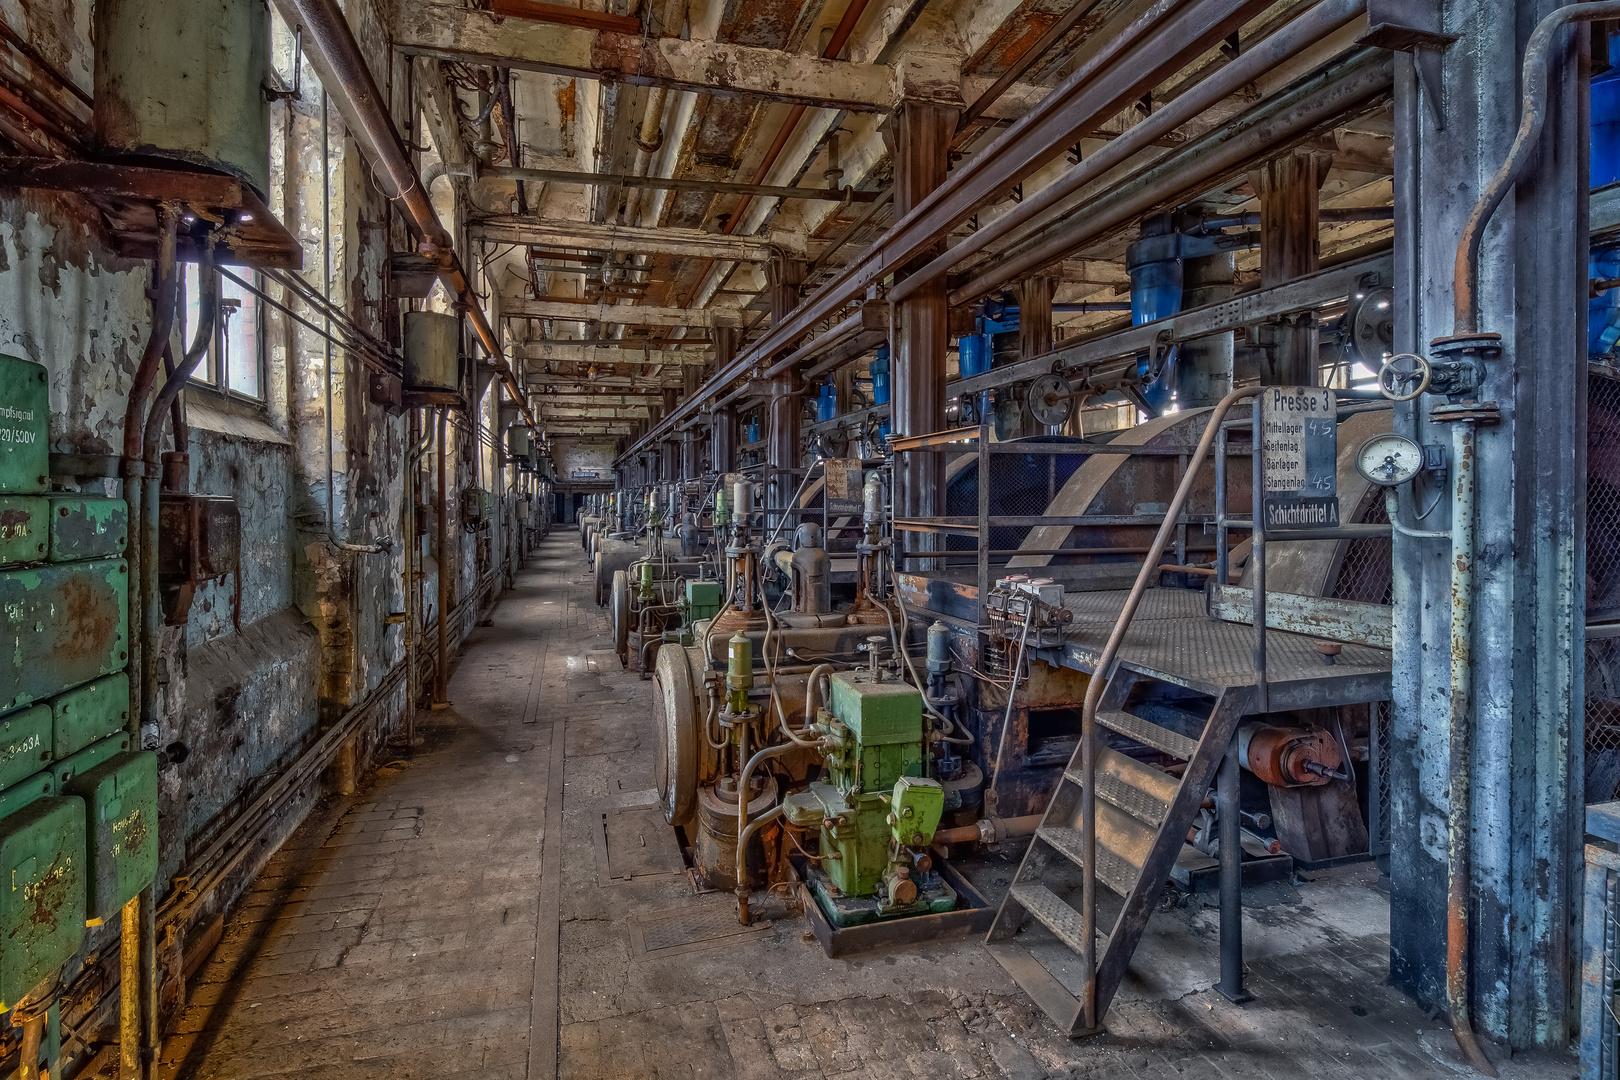 Halle mit ehemaliger Brikettproduktion